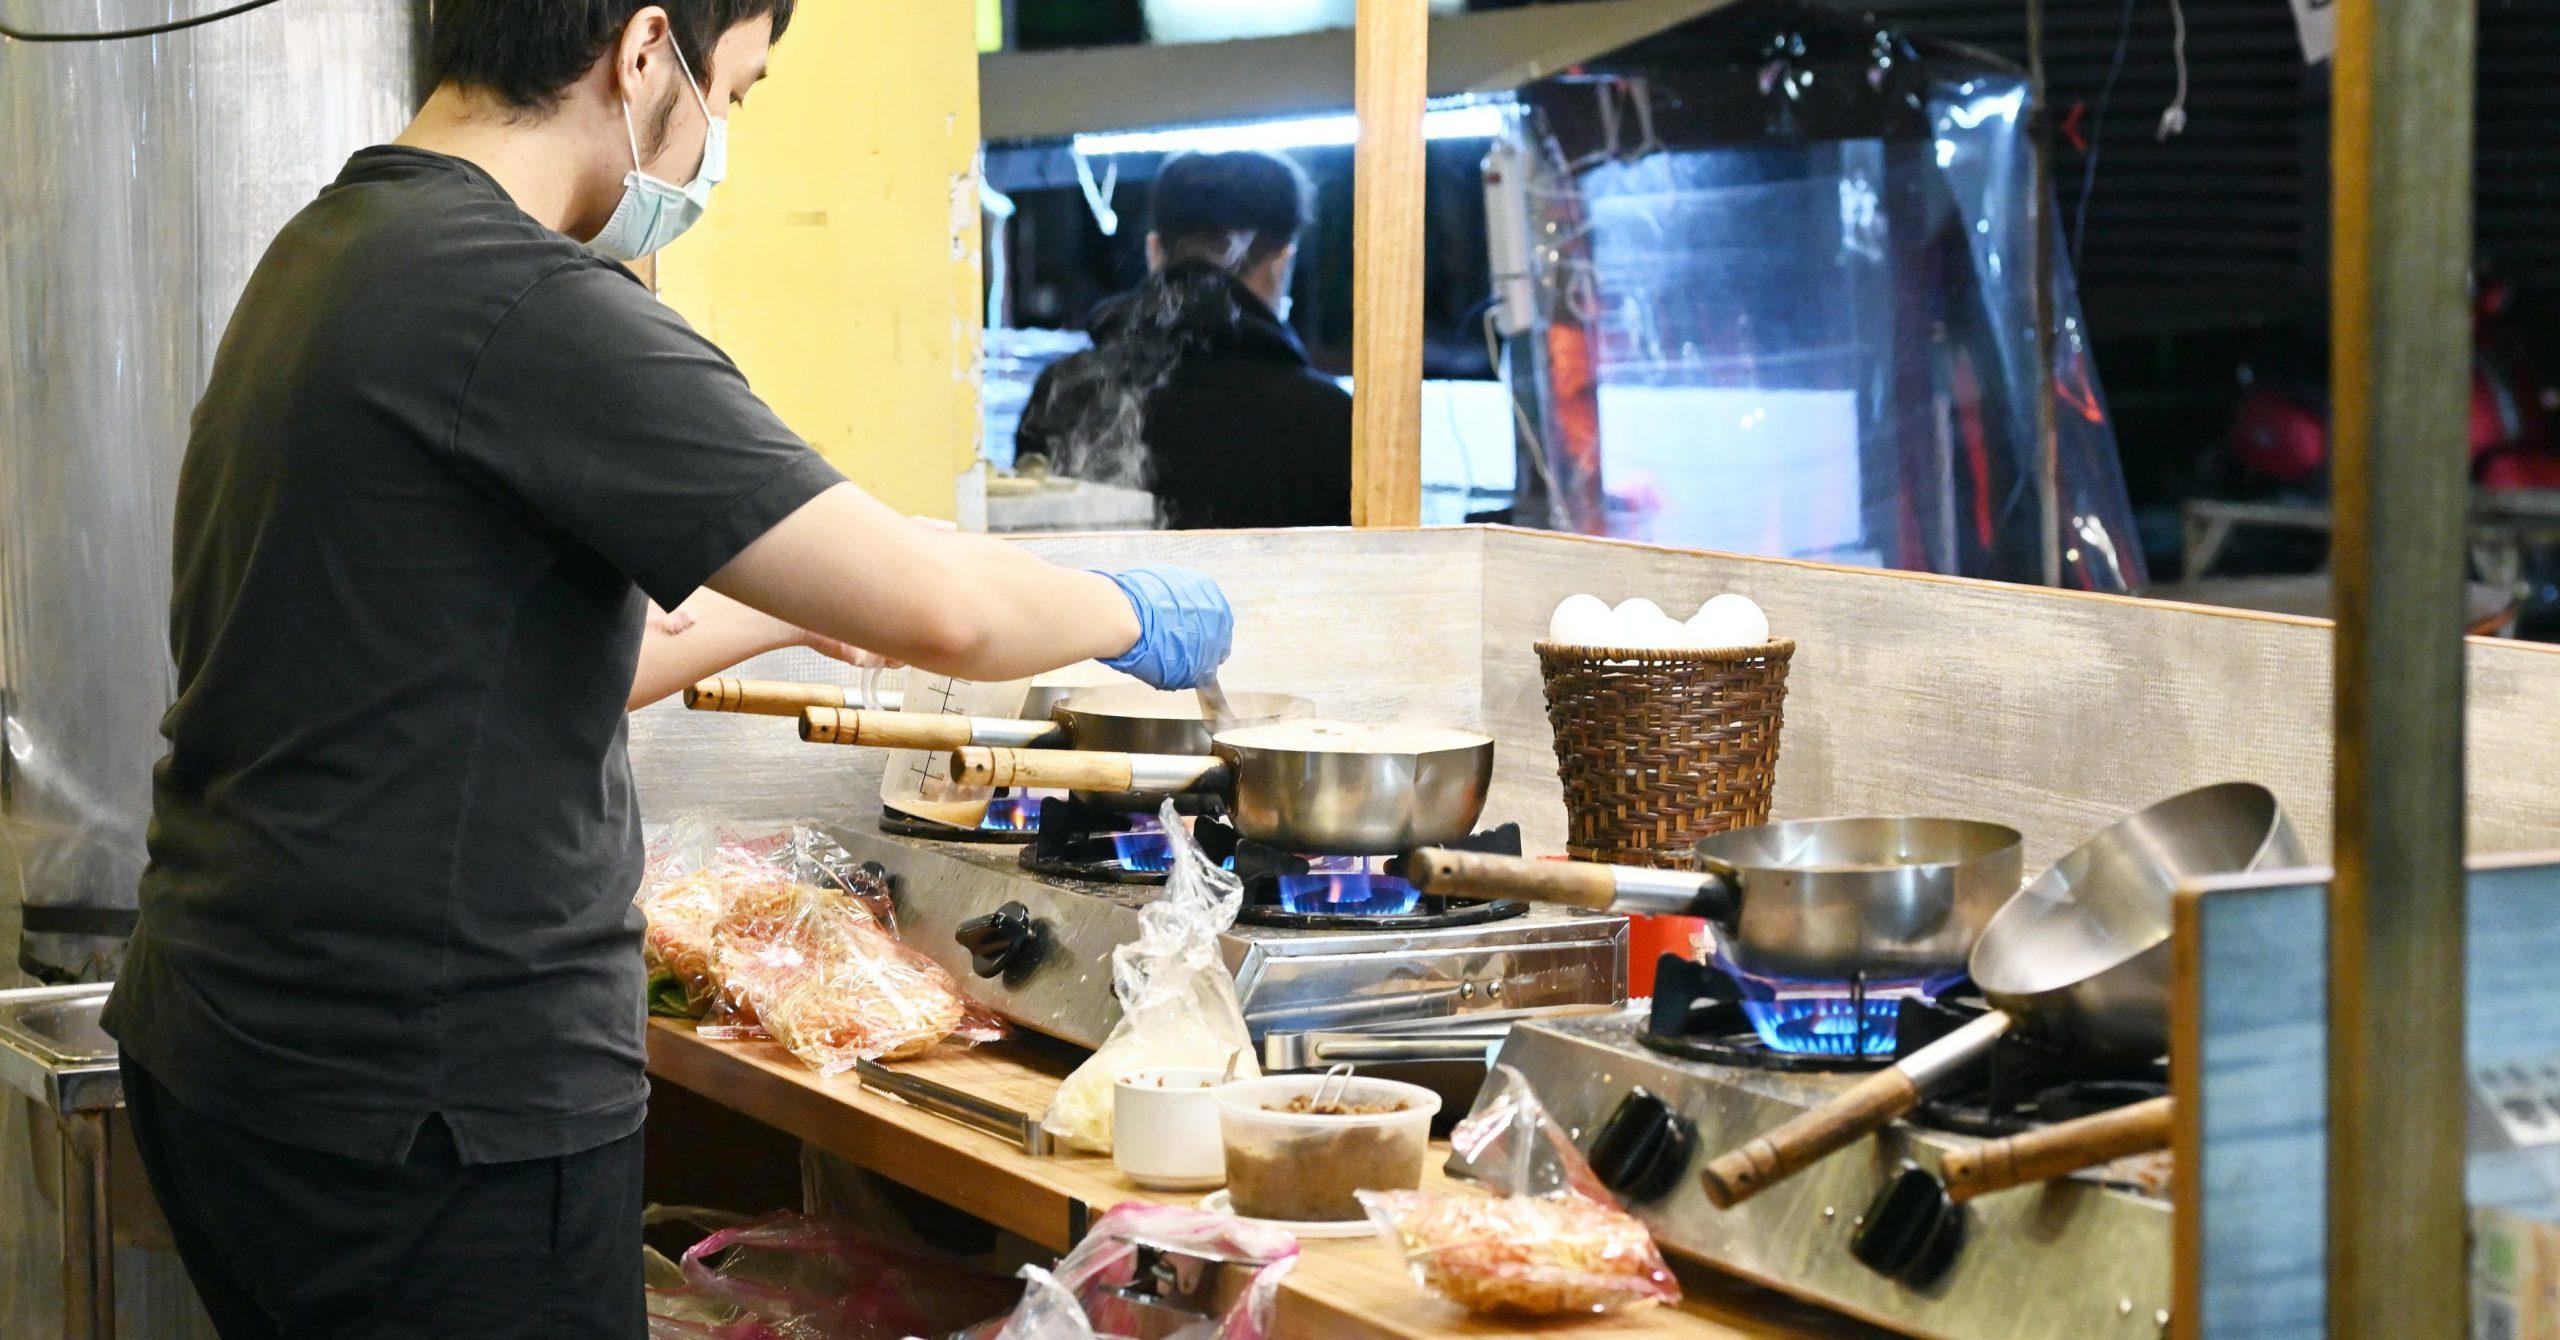 今日熱門文章:【三重美食】一嘴鍋燒麵,賣到凌晨兩點 三重宵夜推薦 (菜單)